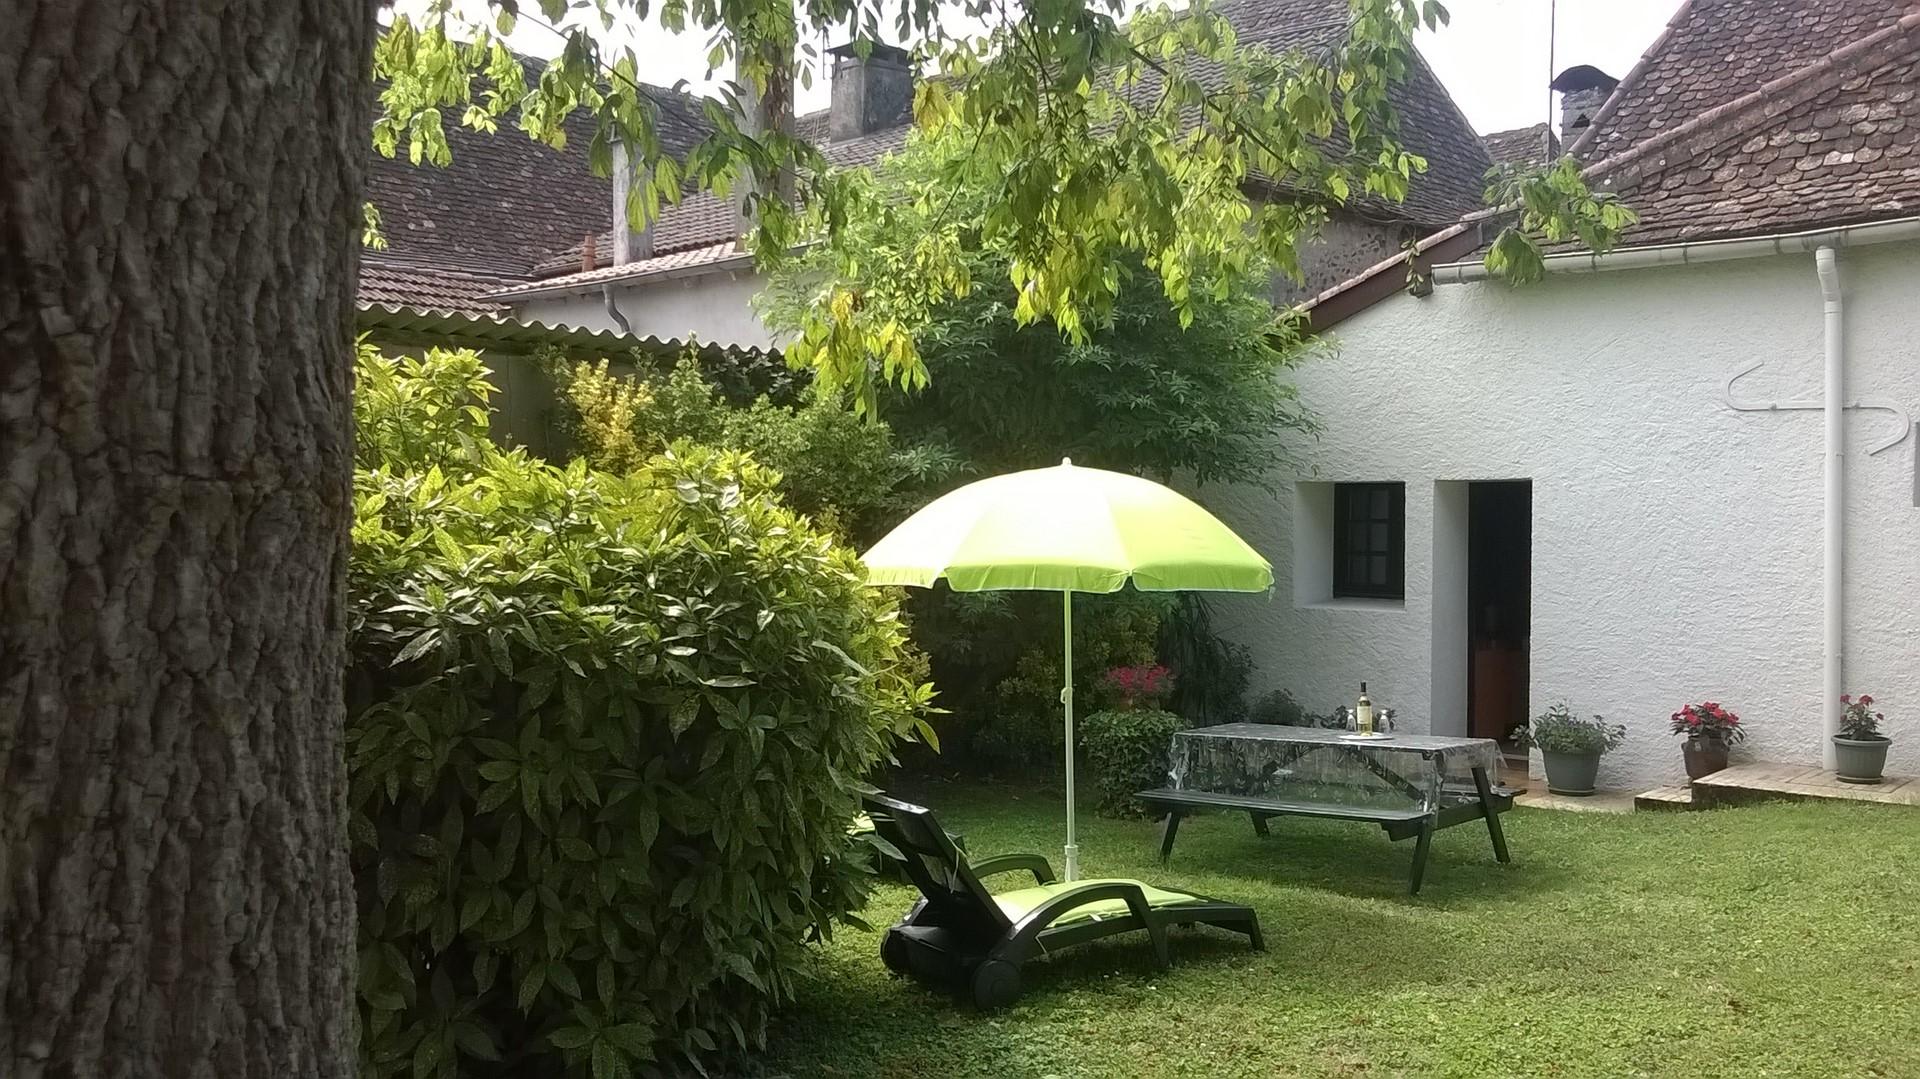 Location maison 4 personnes dufourcq marie claude baigts de bearn coeur de b arn - Marches jardin pente pau ...